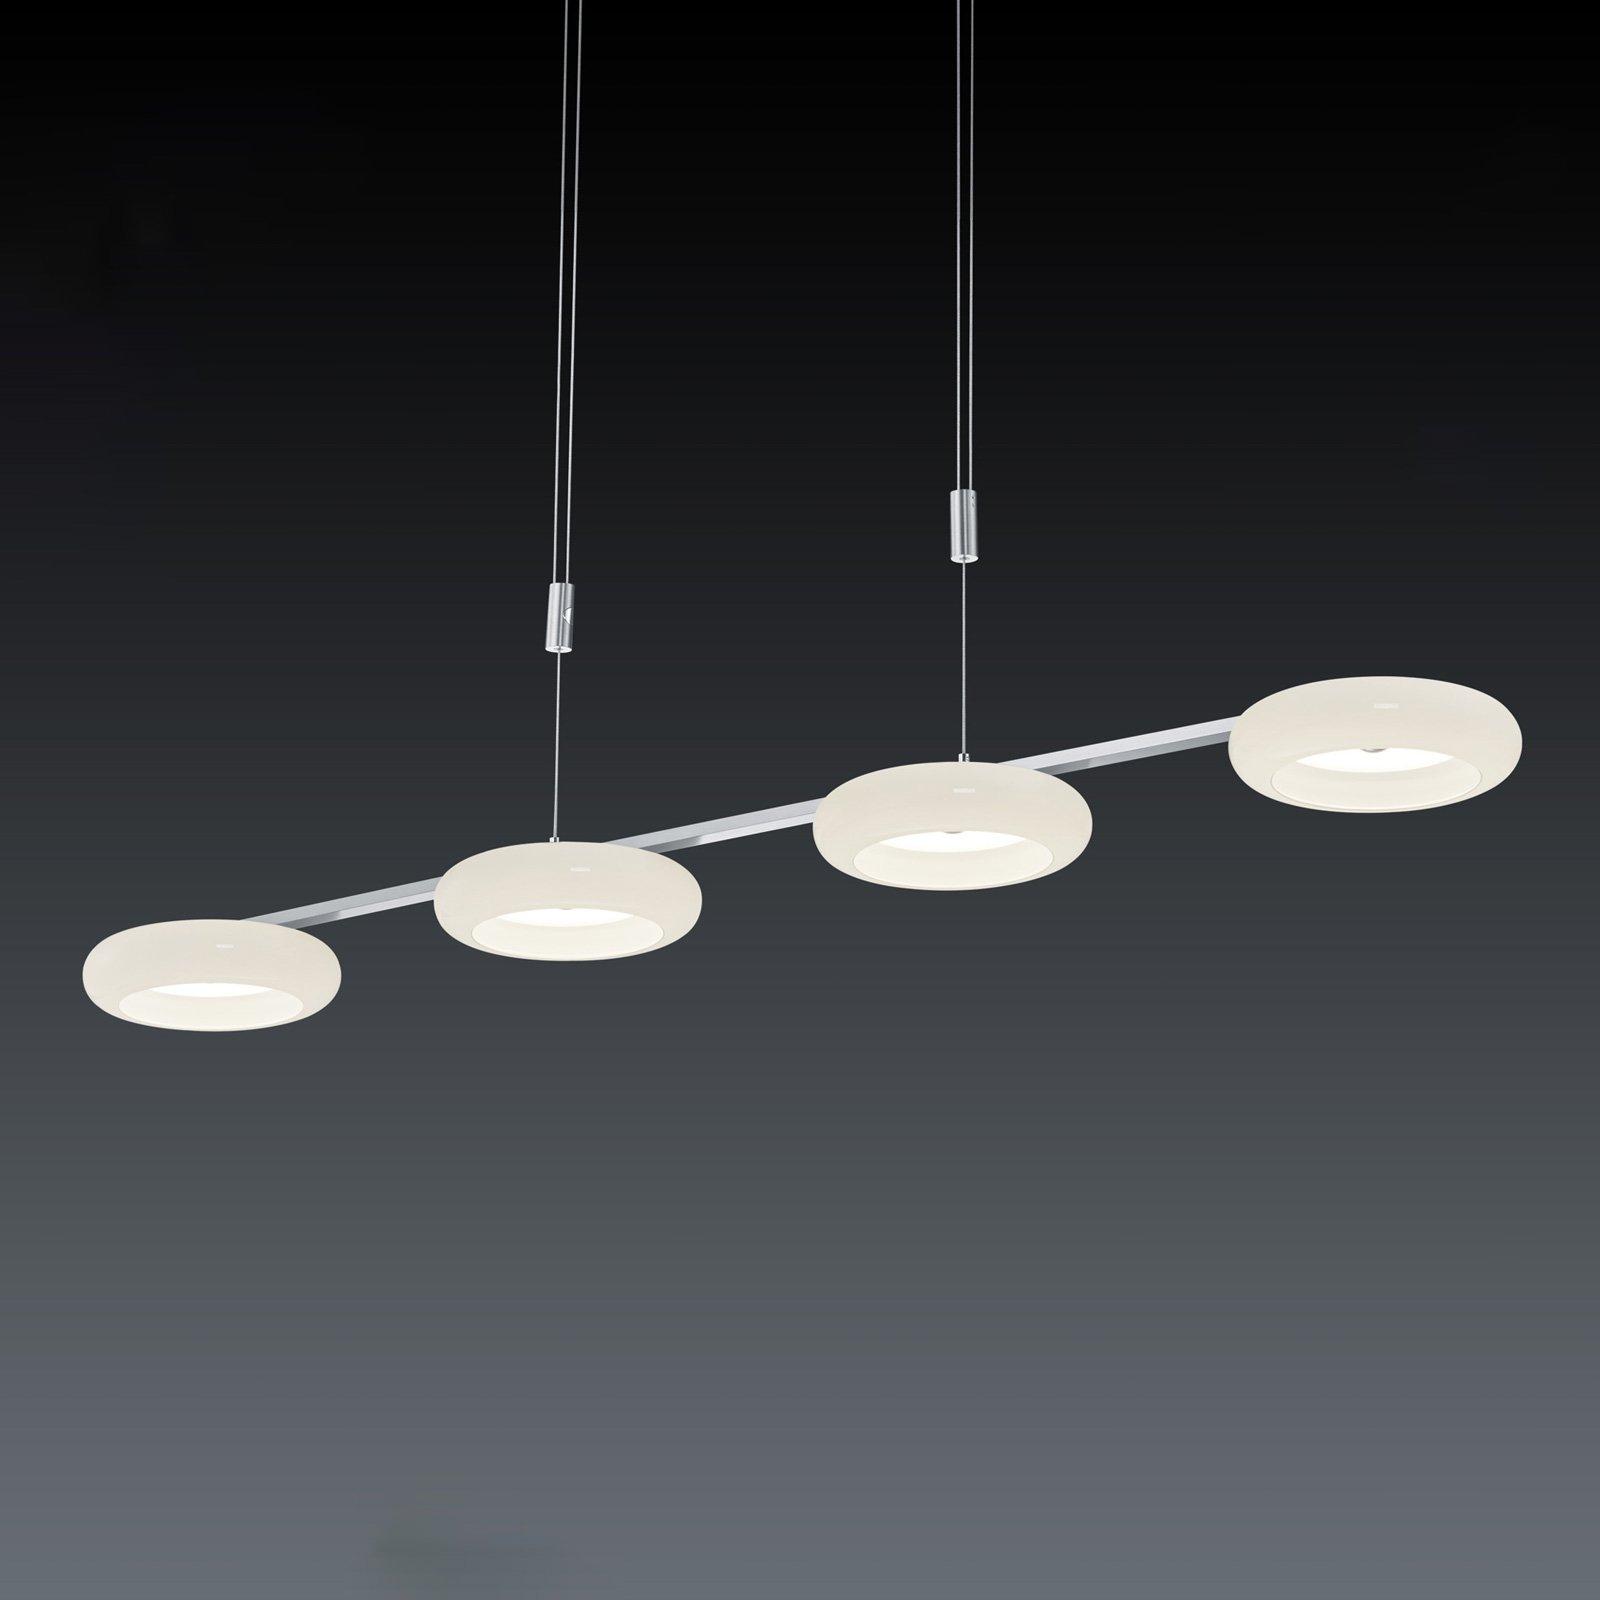 BANKAMP Centa hengelampe 4 lyskilder hvit/nikkel